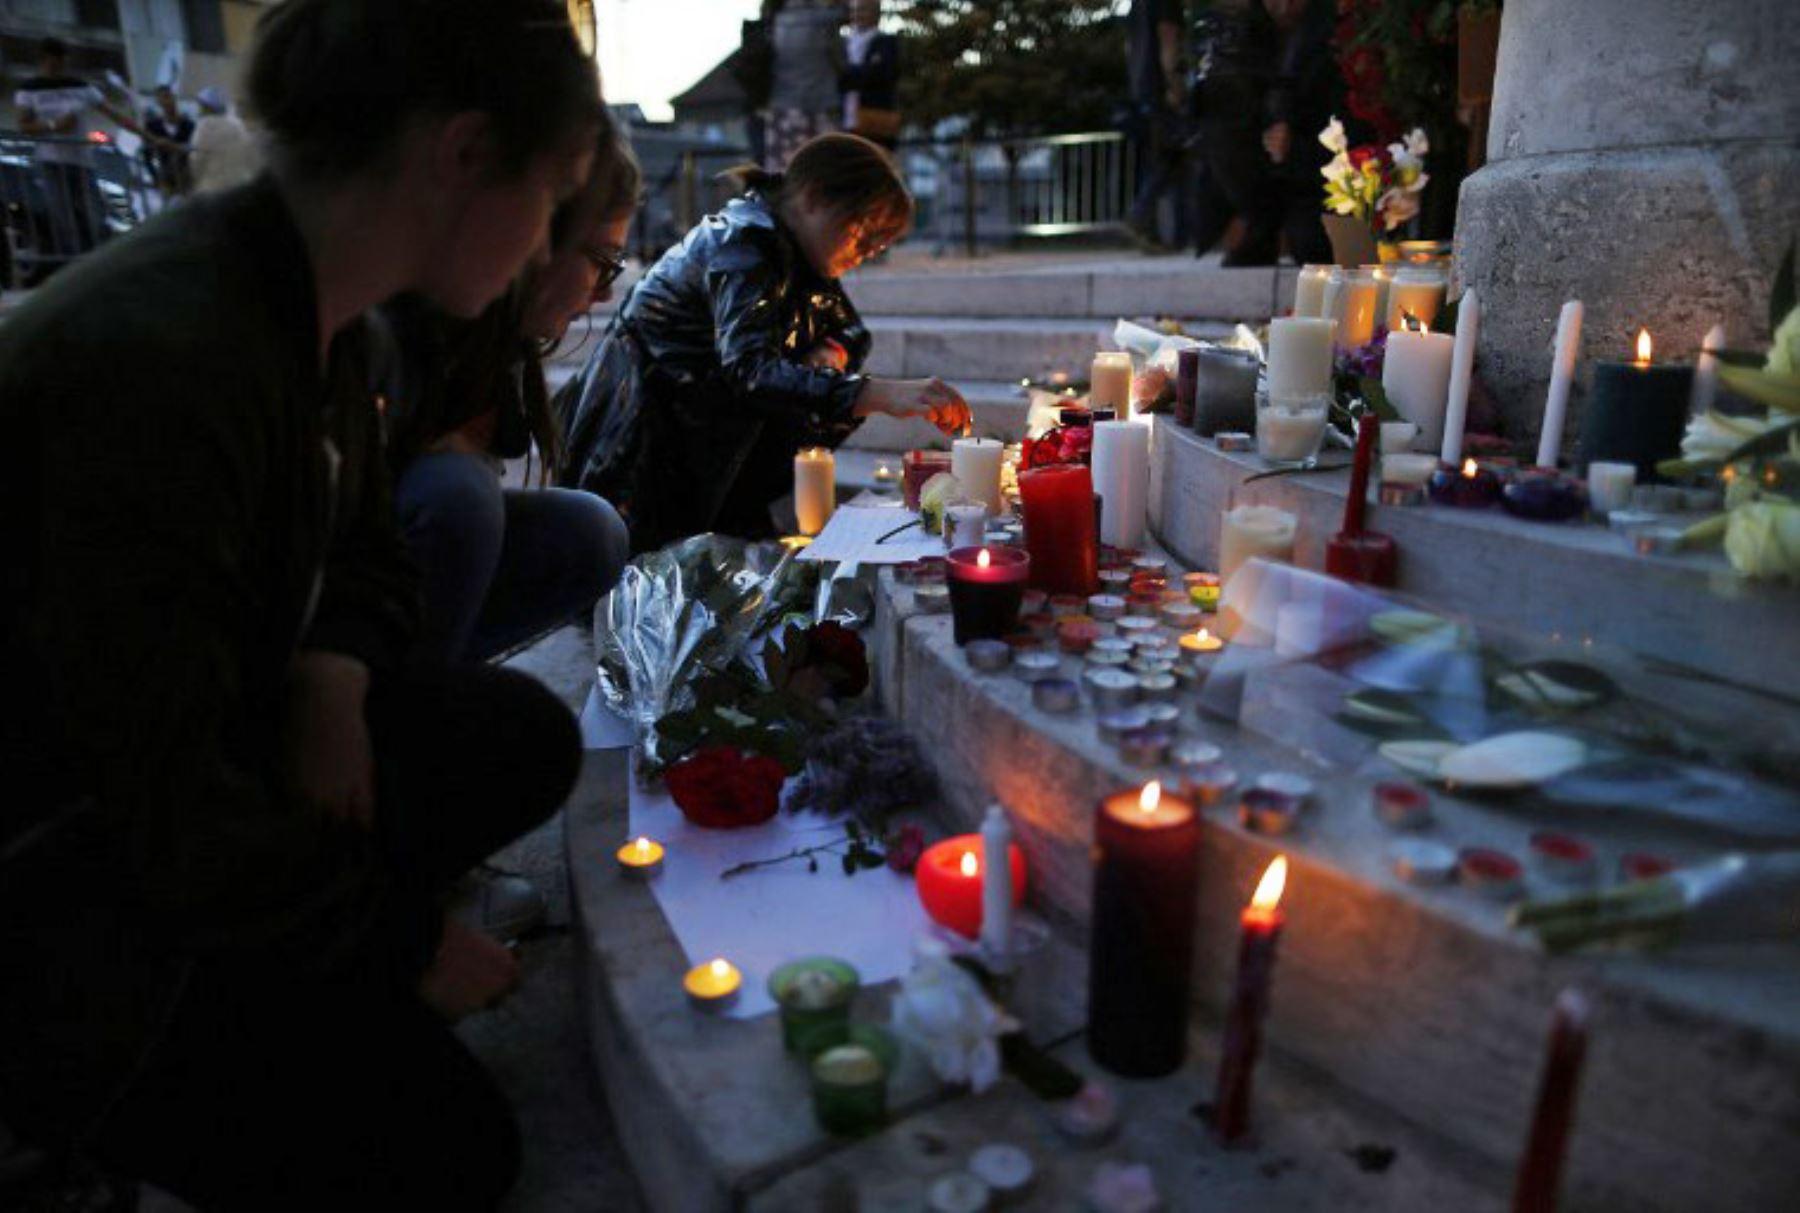 Una mujer coloca una vela y flores en homenaje al sacerdote asesinado en una iglesia en Francia. Foto: AFP